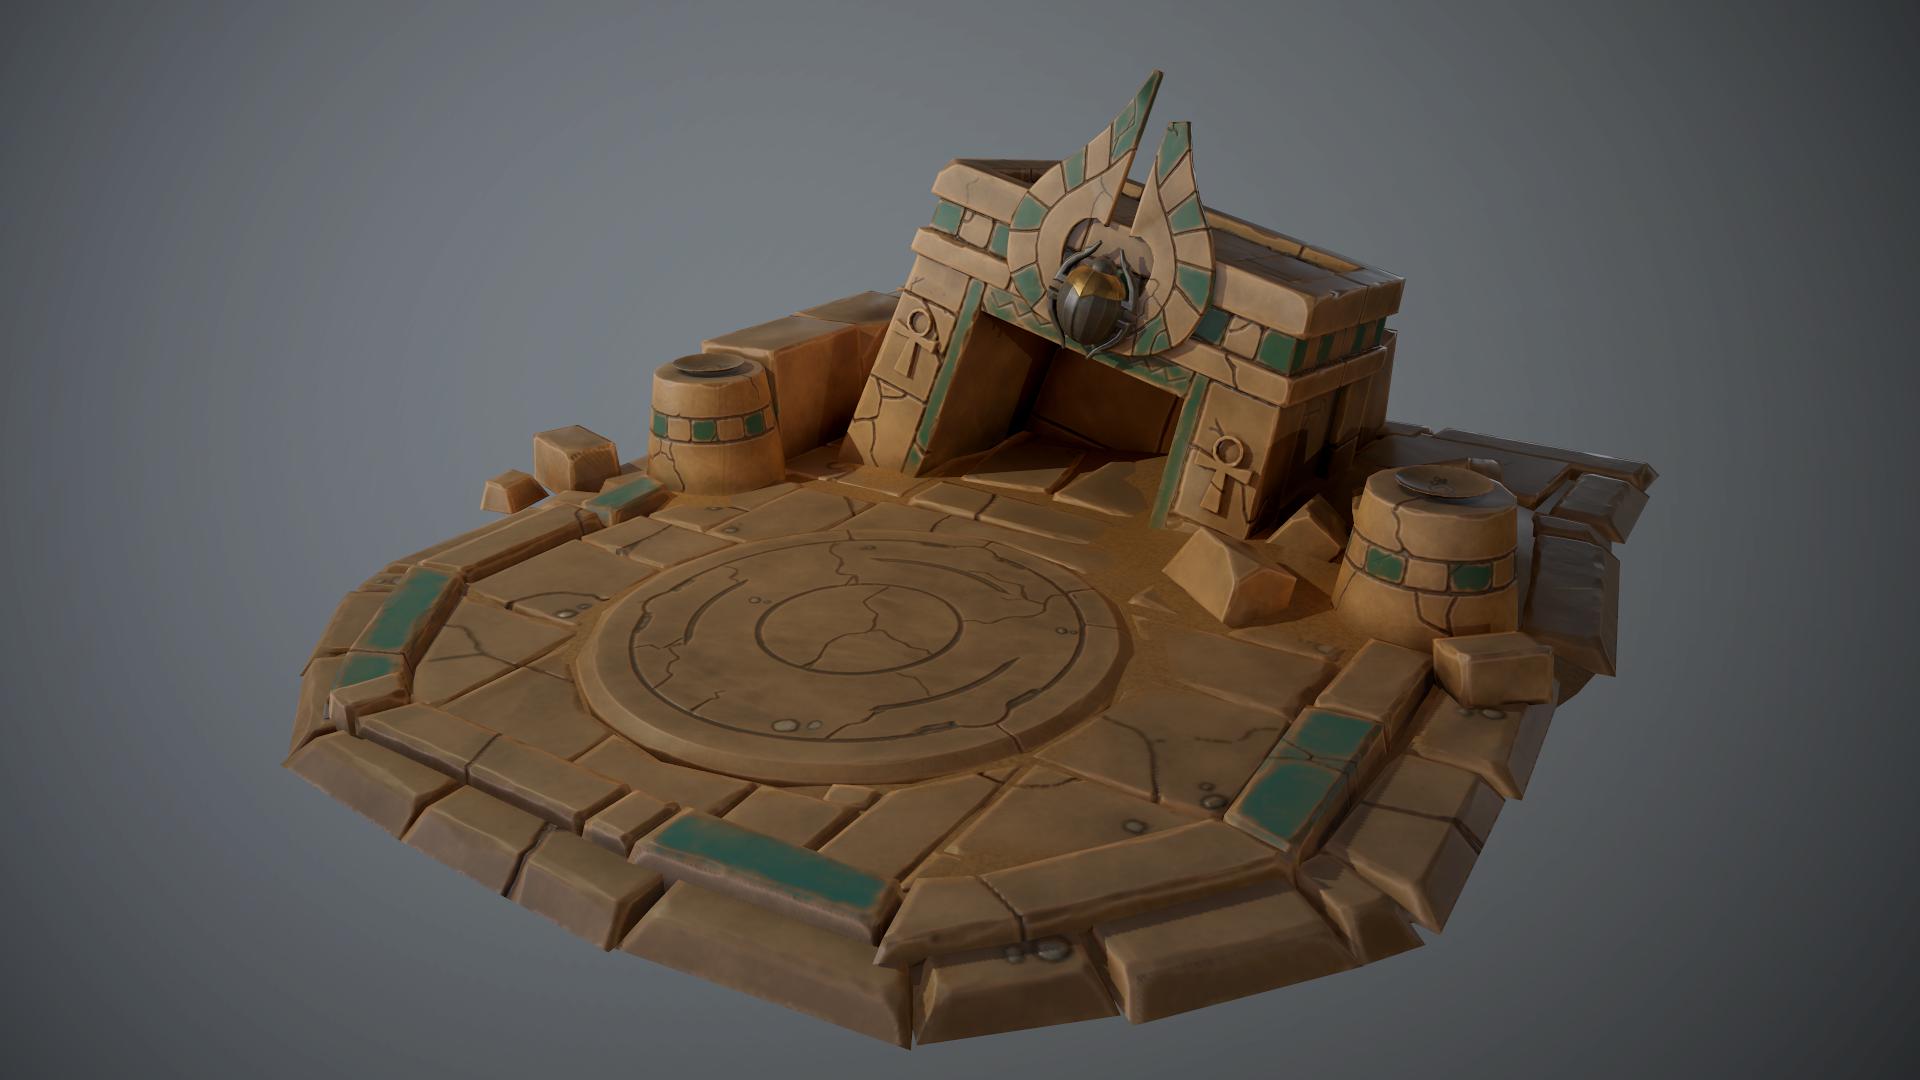 Stylized Pharaoh's crypt